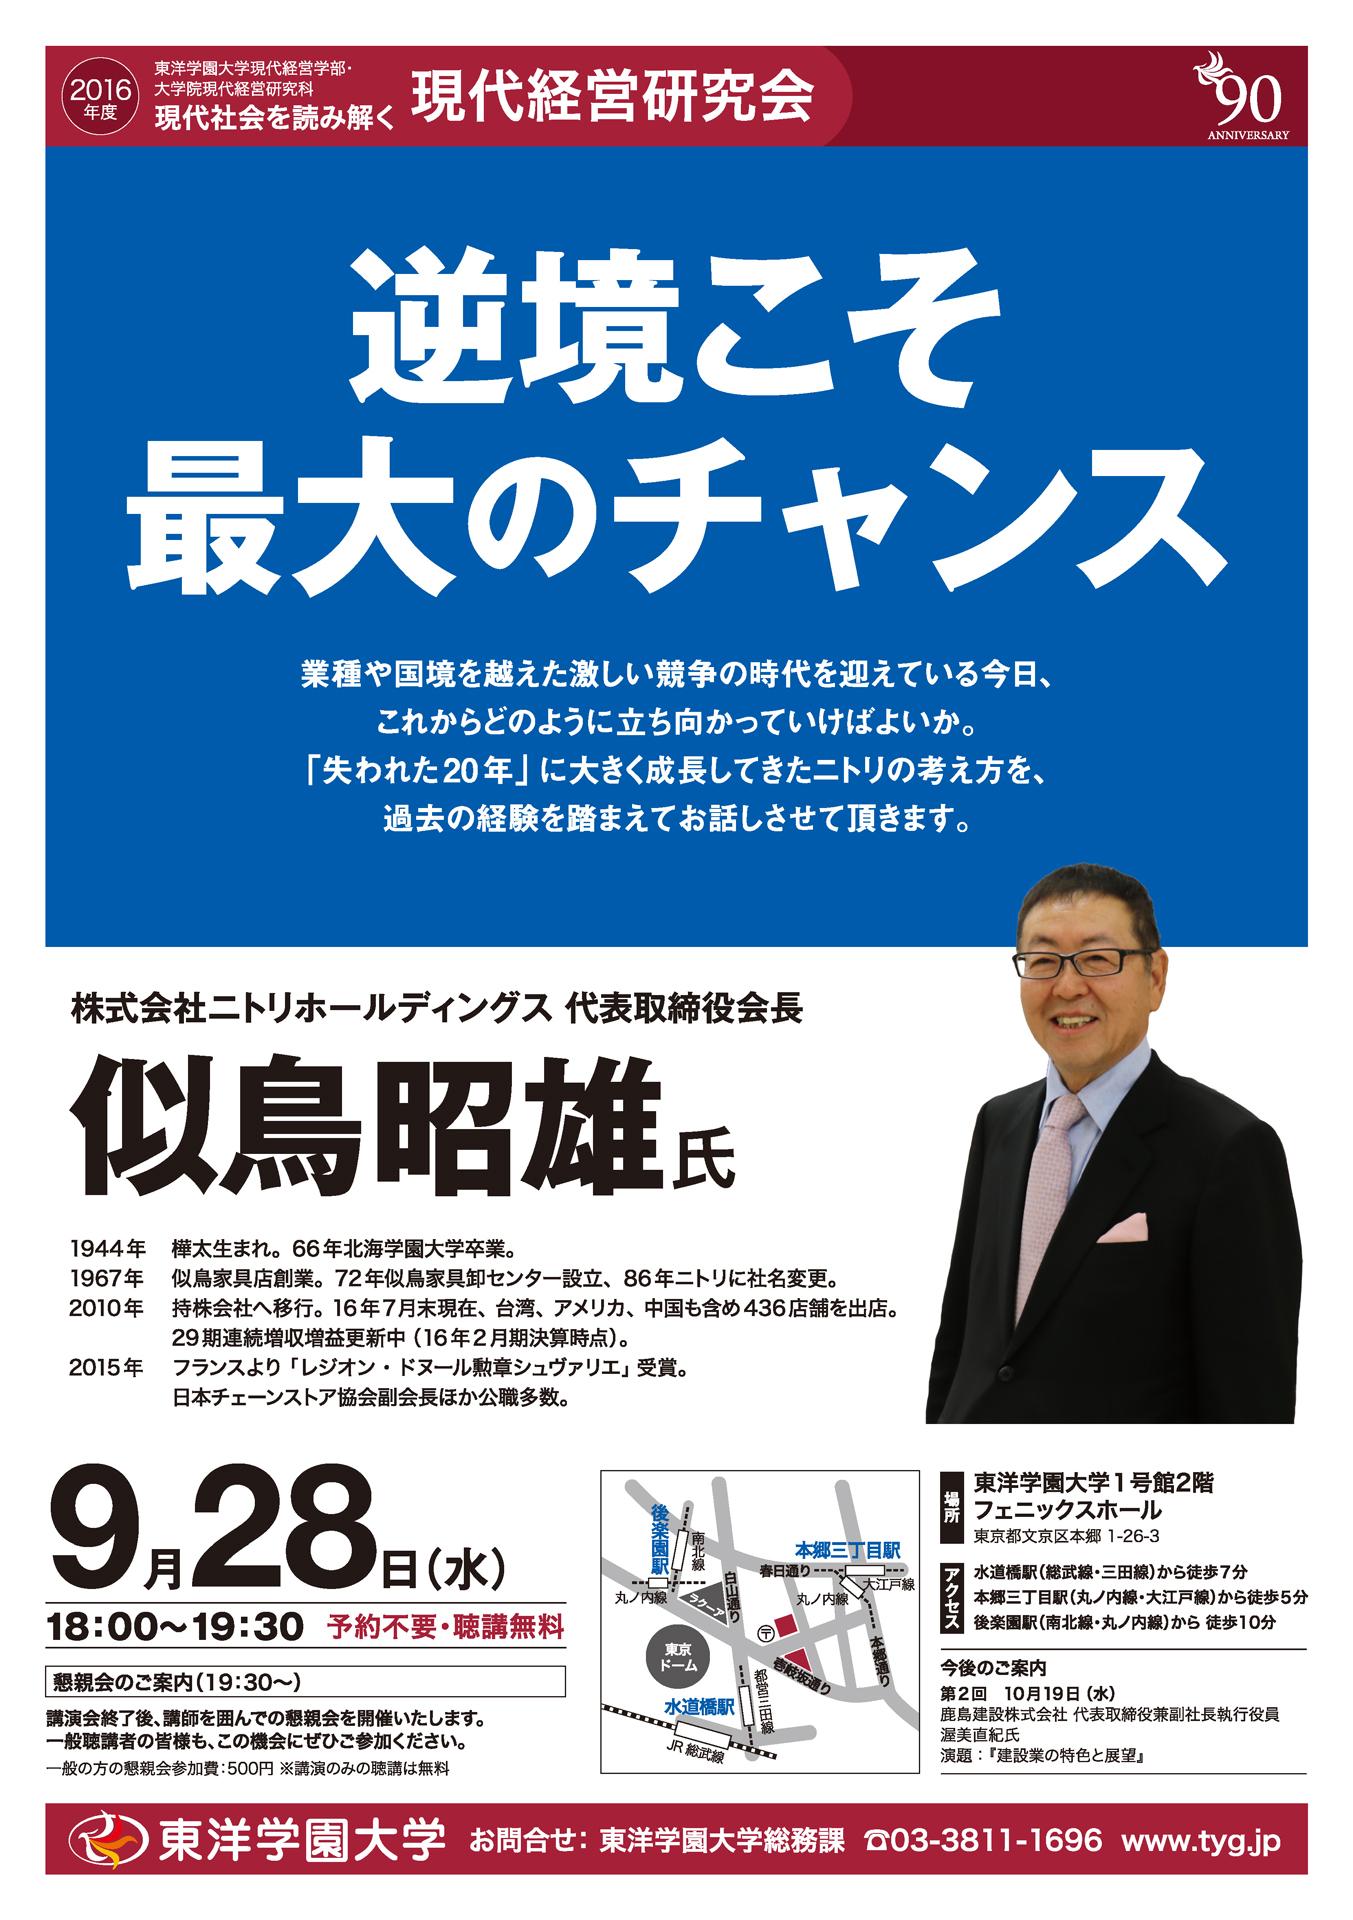 東洋学園大学・大学院が9月28日から「現代経営研究会」(全6回)を開講 -- 有名企業の現役経営陣が「創業」をテーマに講演